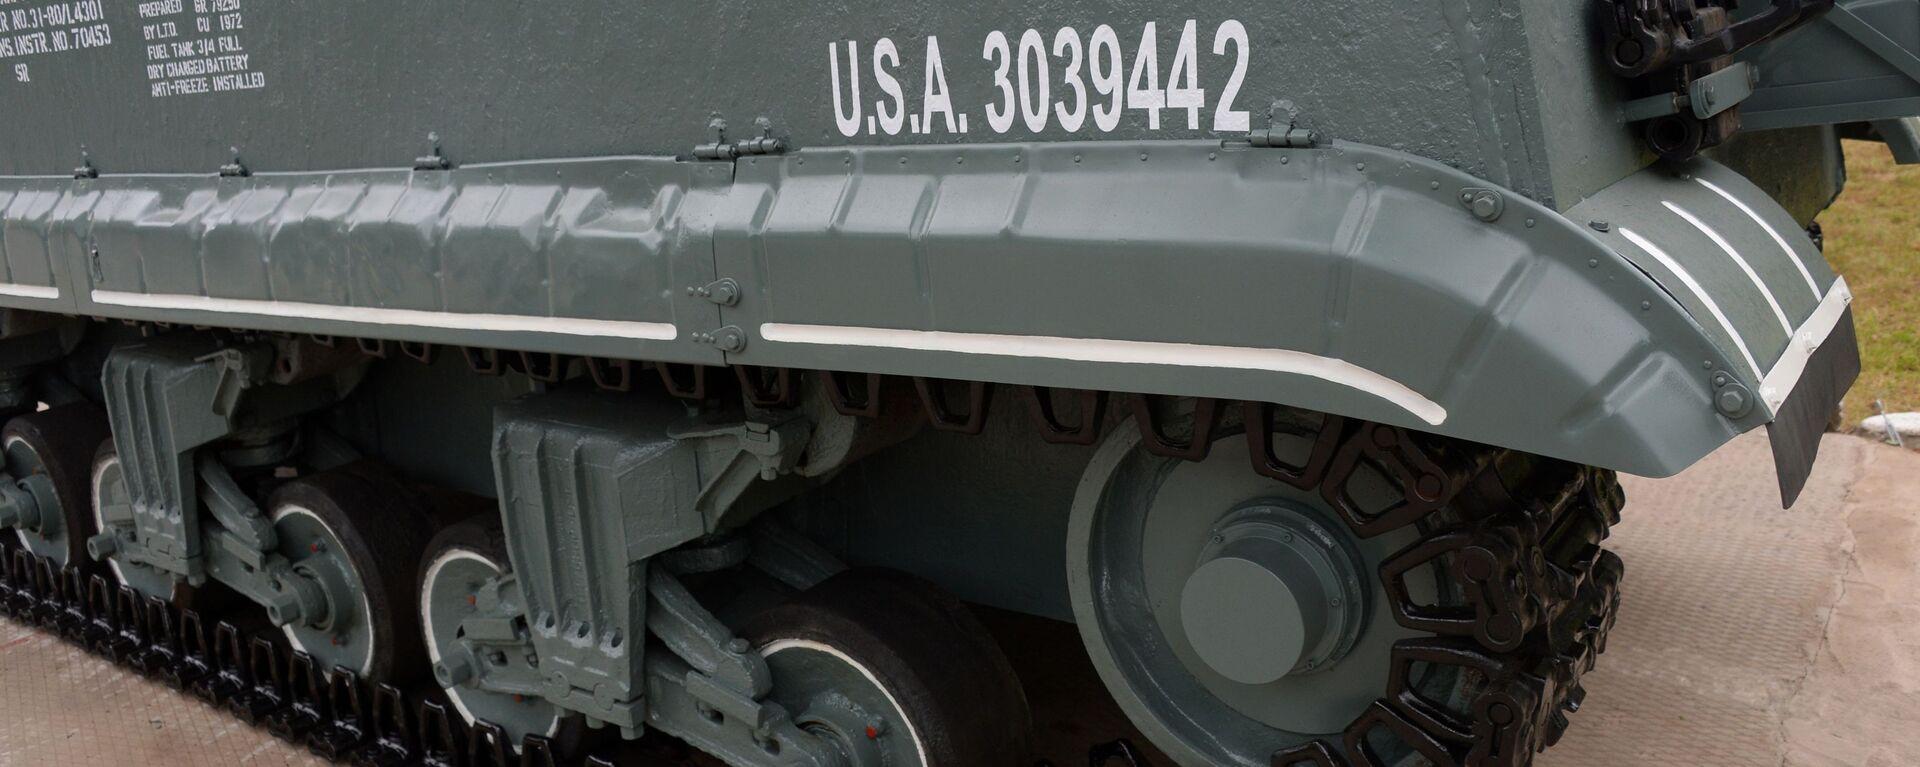 Военные в Приморье завершили восстановление танка Шерман времен Великой Отечественной войны - Sputnik Ўзбекистон, 1920, 23.09.2021